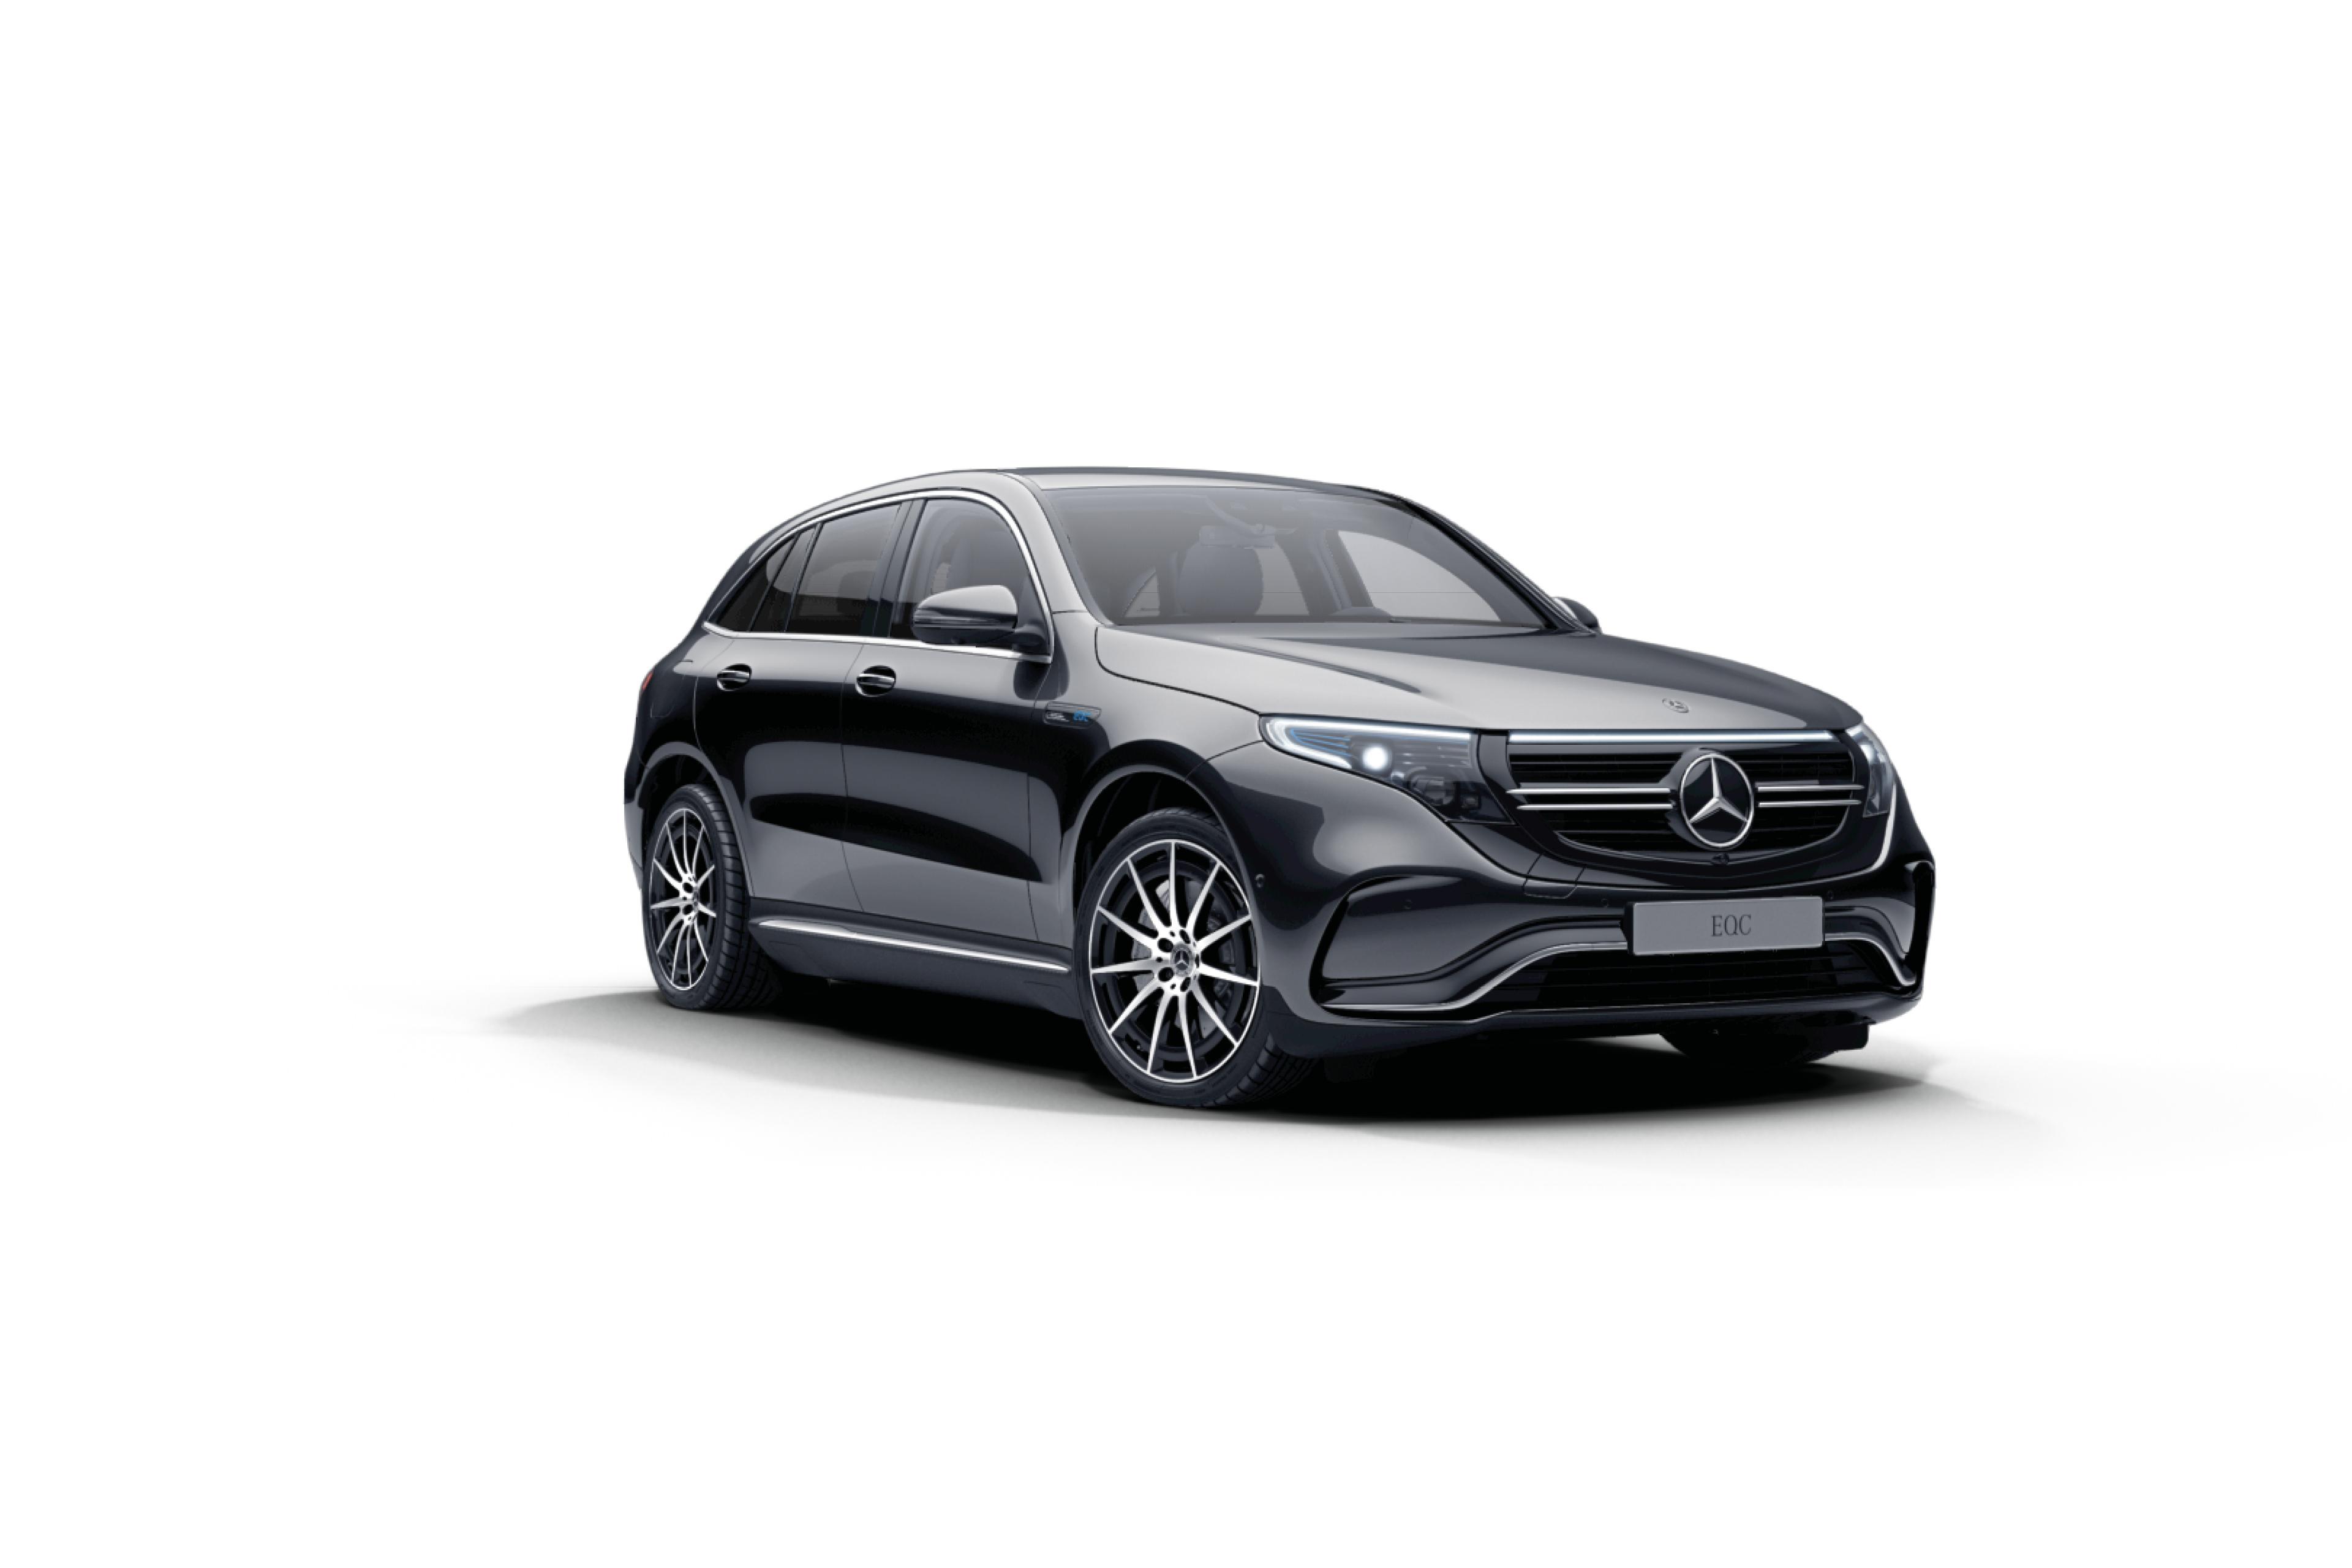 mercedes-benz EQC 400 4M AMG Edition Premium Plus